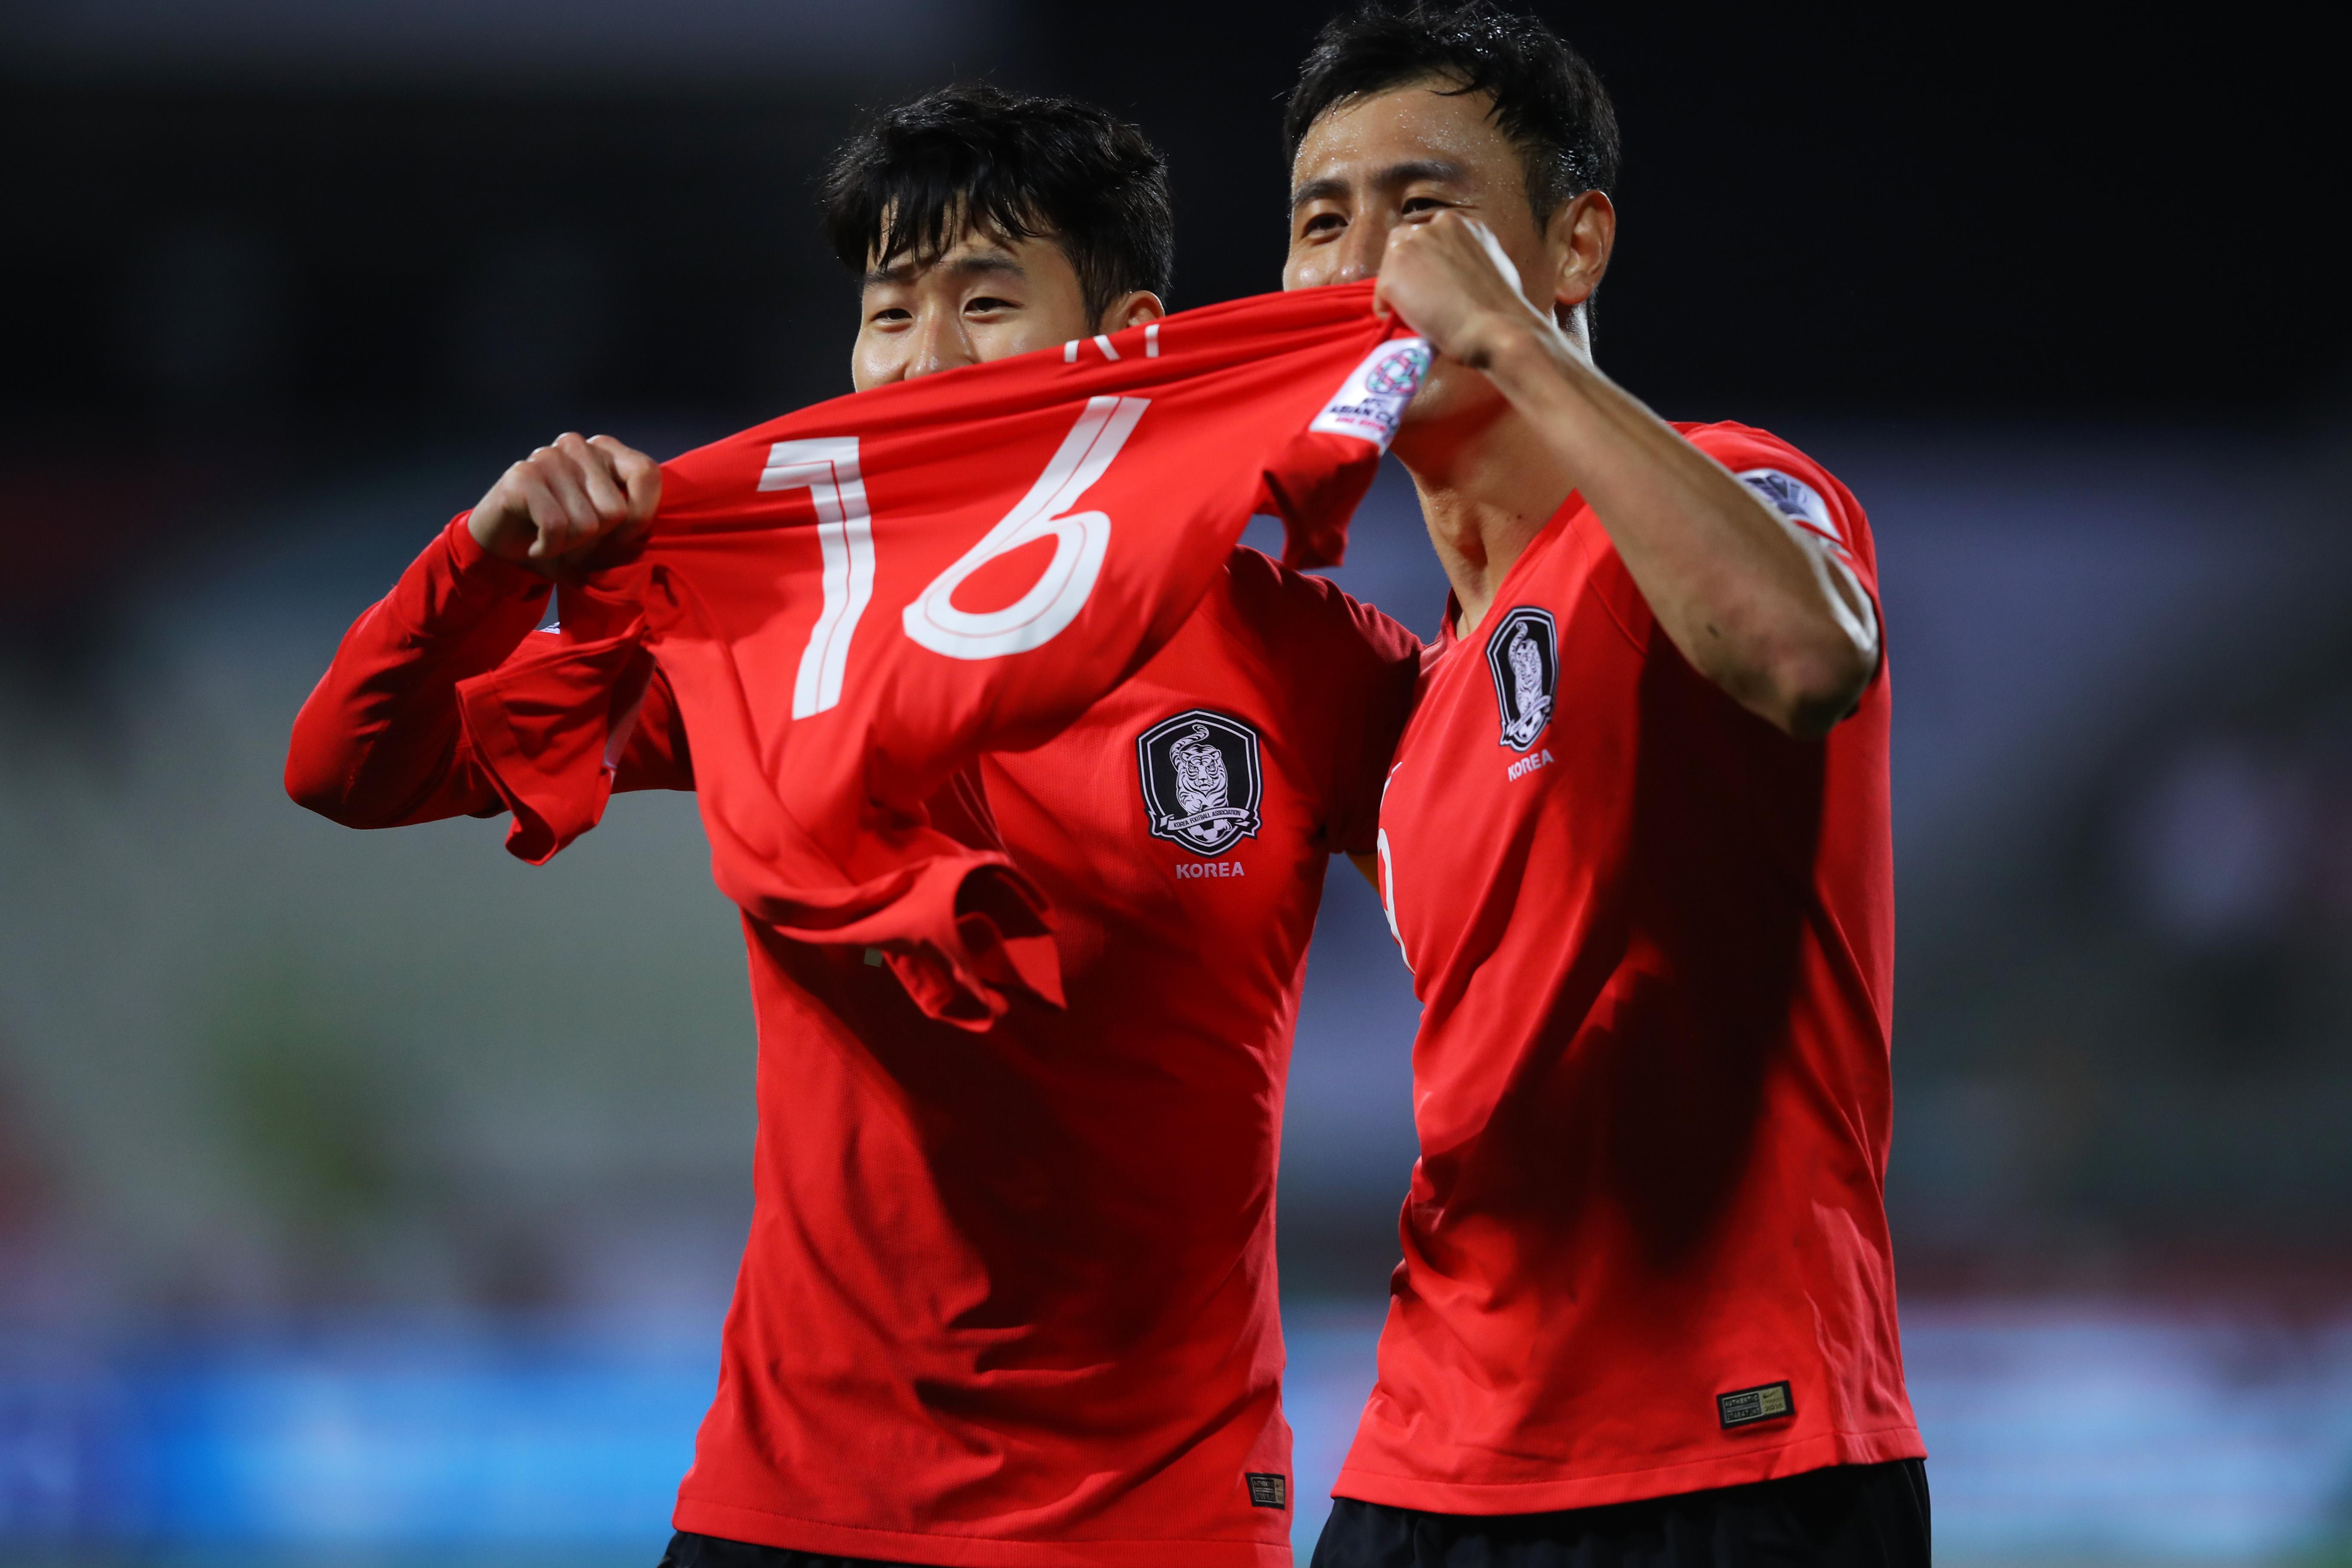 한국 축구 대표팀이 바레인과의 아시안컵 16강전에서 가까스로 승리했다.